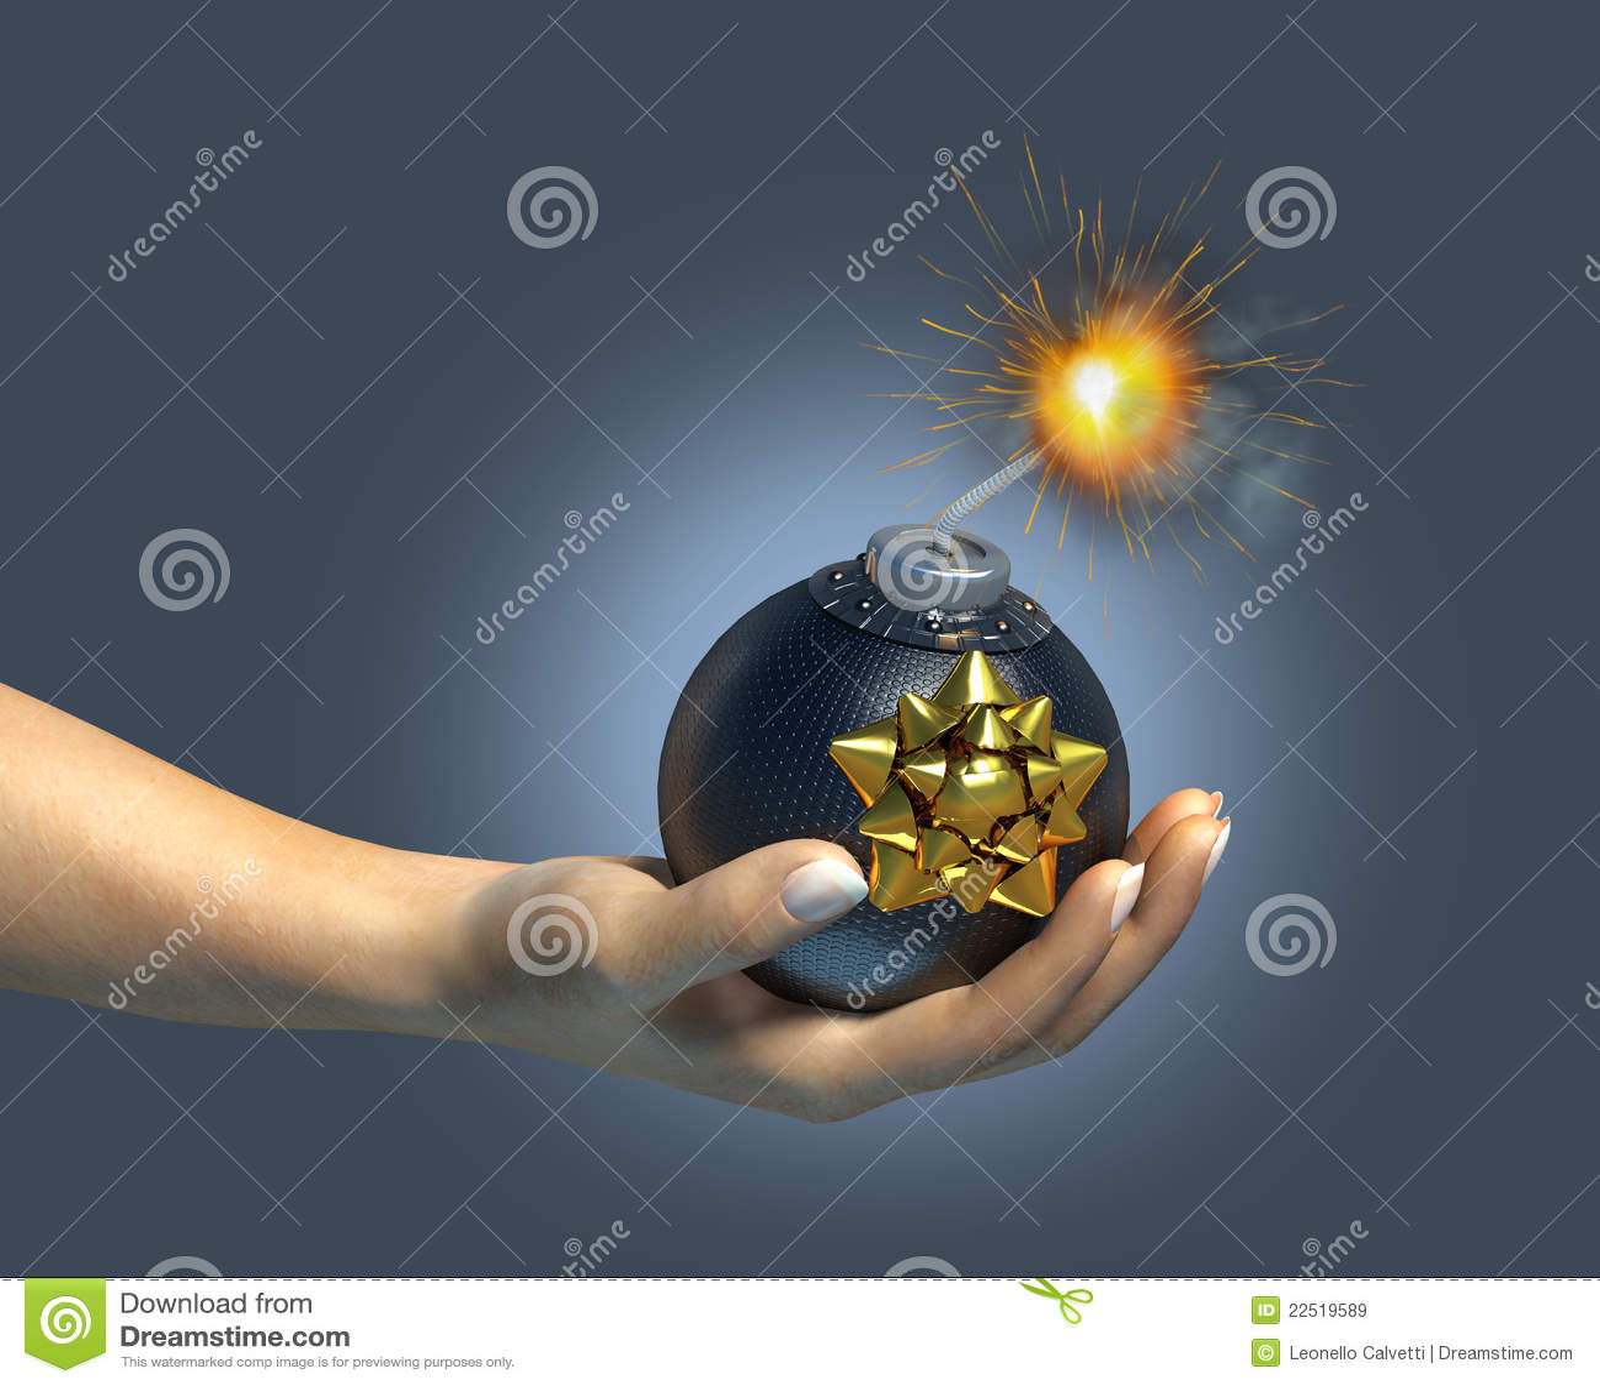 Menschliche Hand, die eine typische Bombe/ein Geschenk anhält.